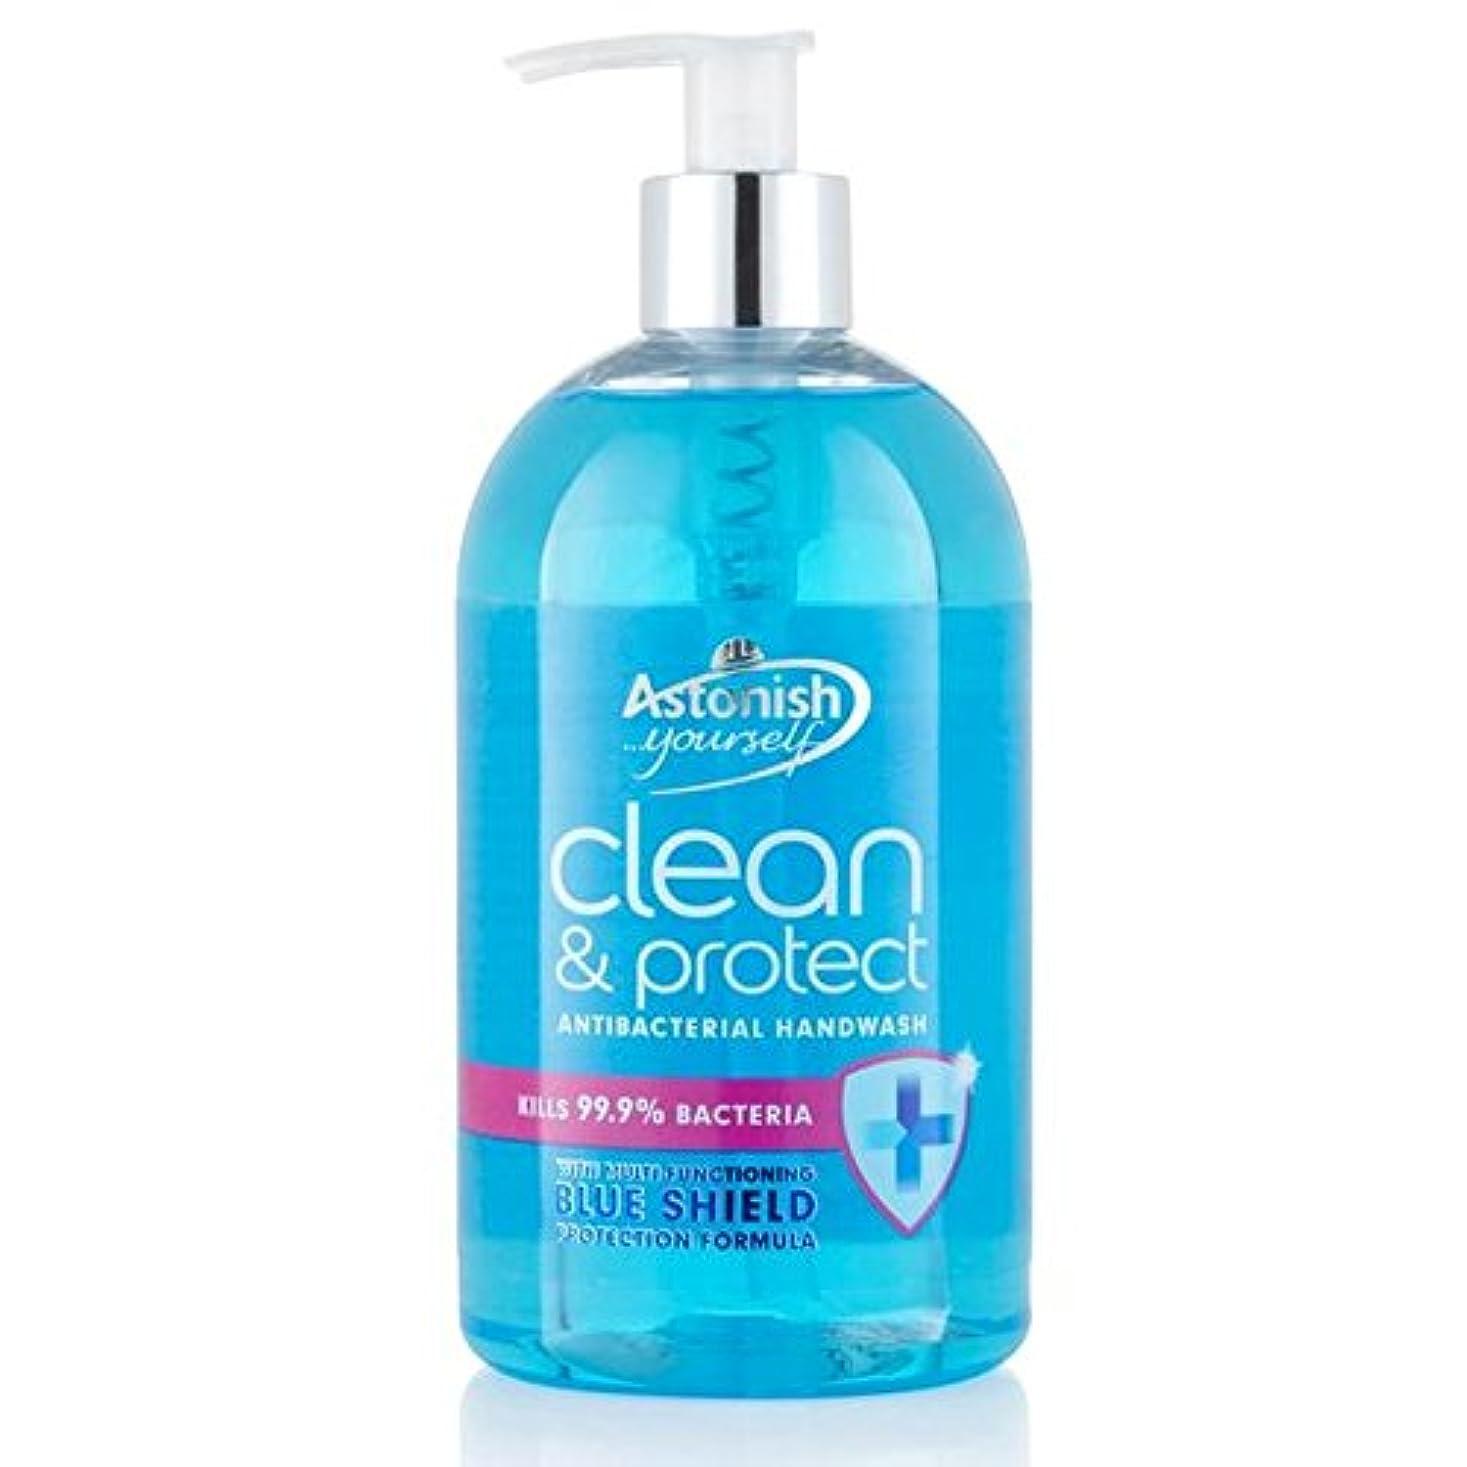 抜け目のないバリケードシャッタークリーン驚か&ハンドウォッシュ500ミリリットルを保護 x4 - Astonish Clean & Protect Hand Wash 500ml (Pack of 4) [並行輸入品]